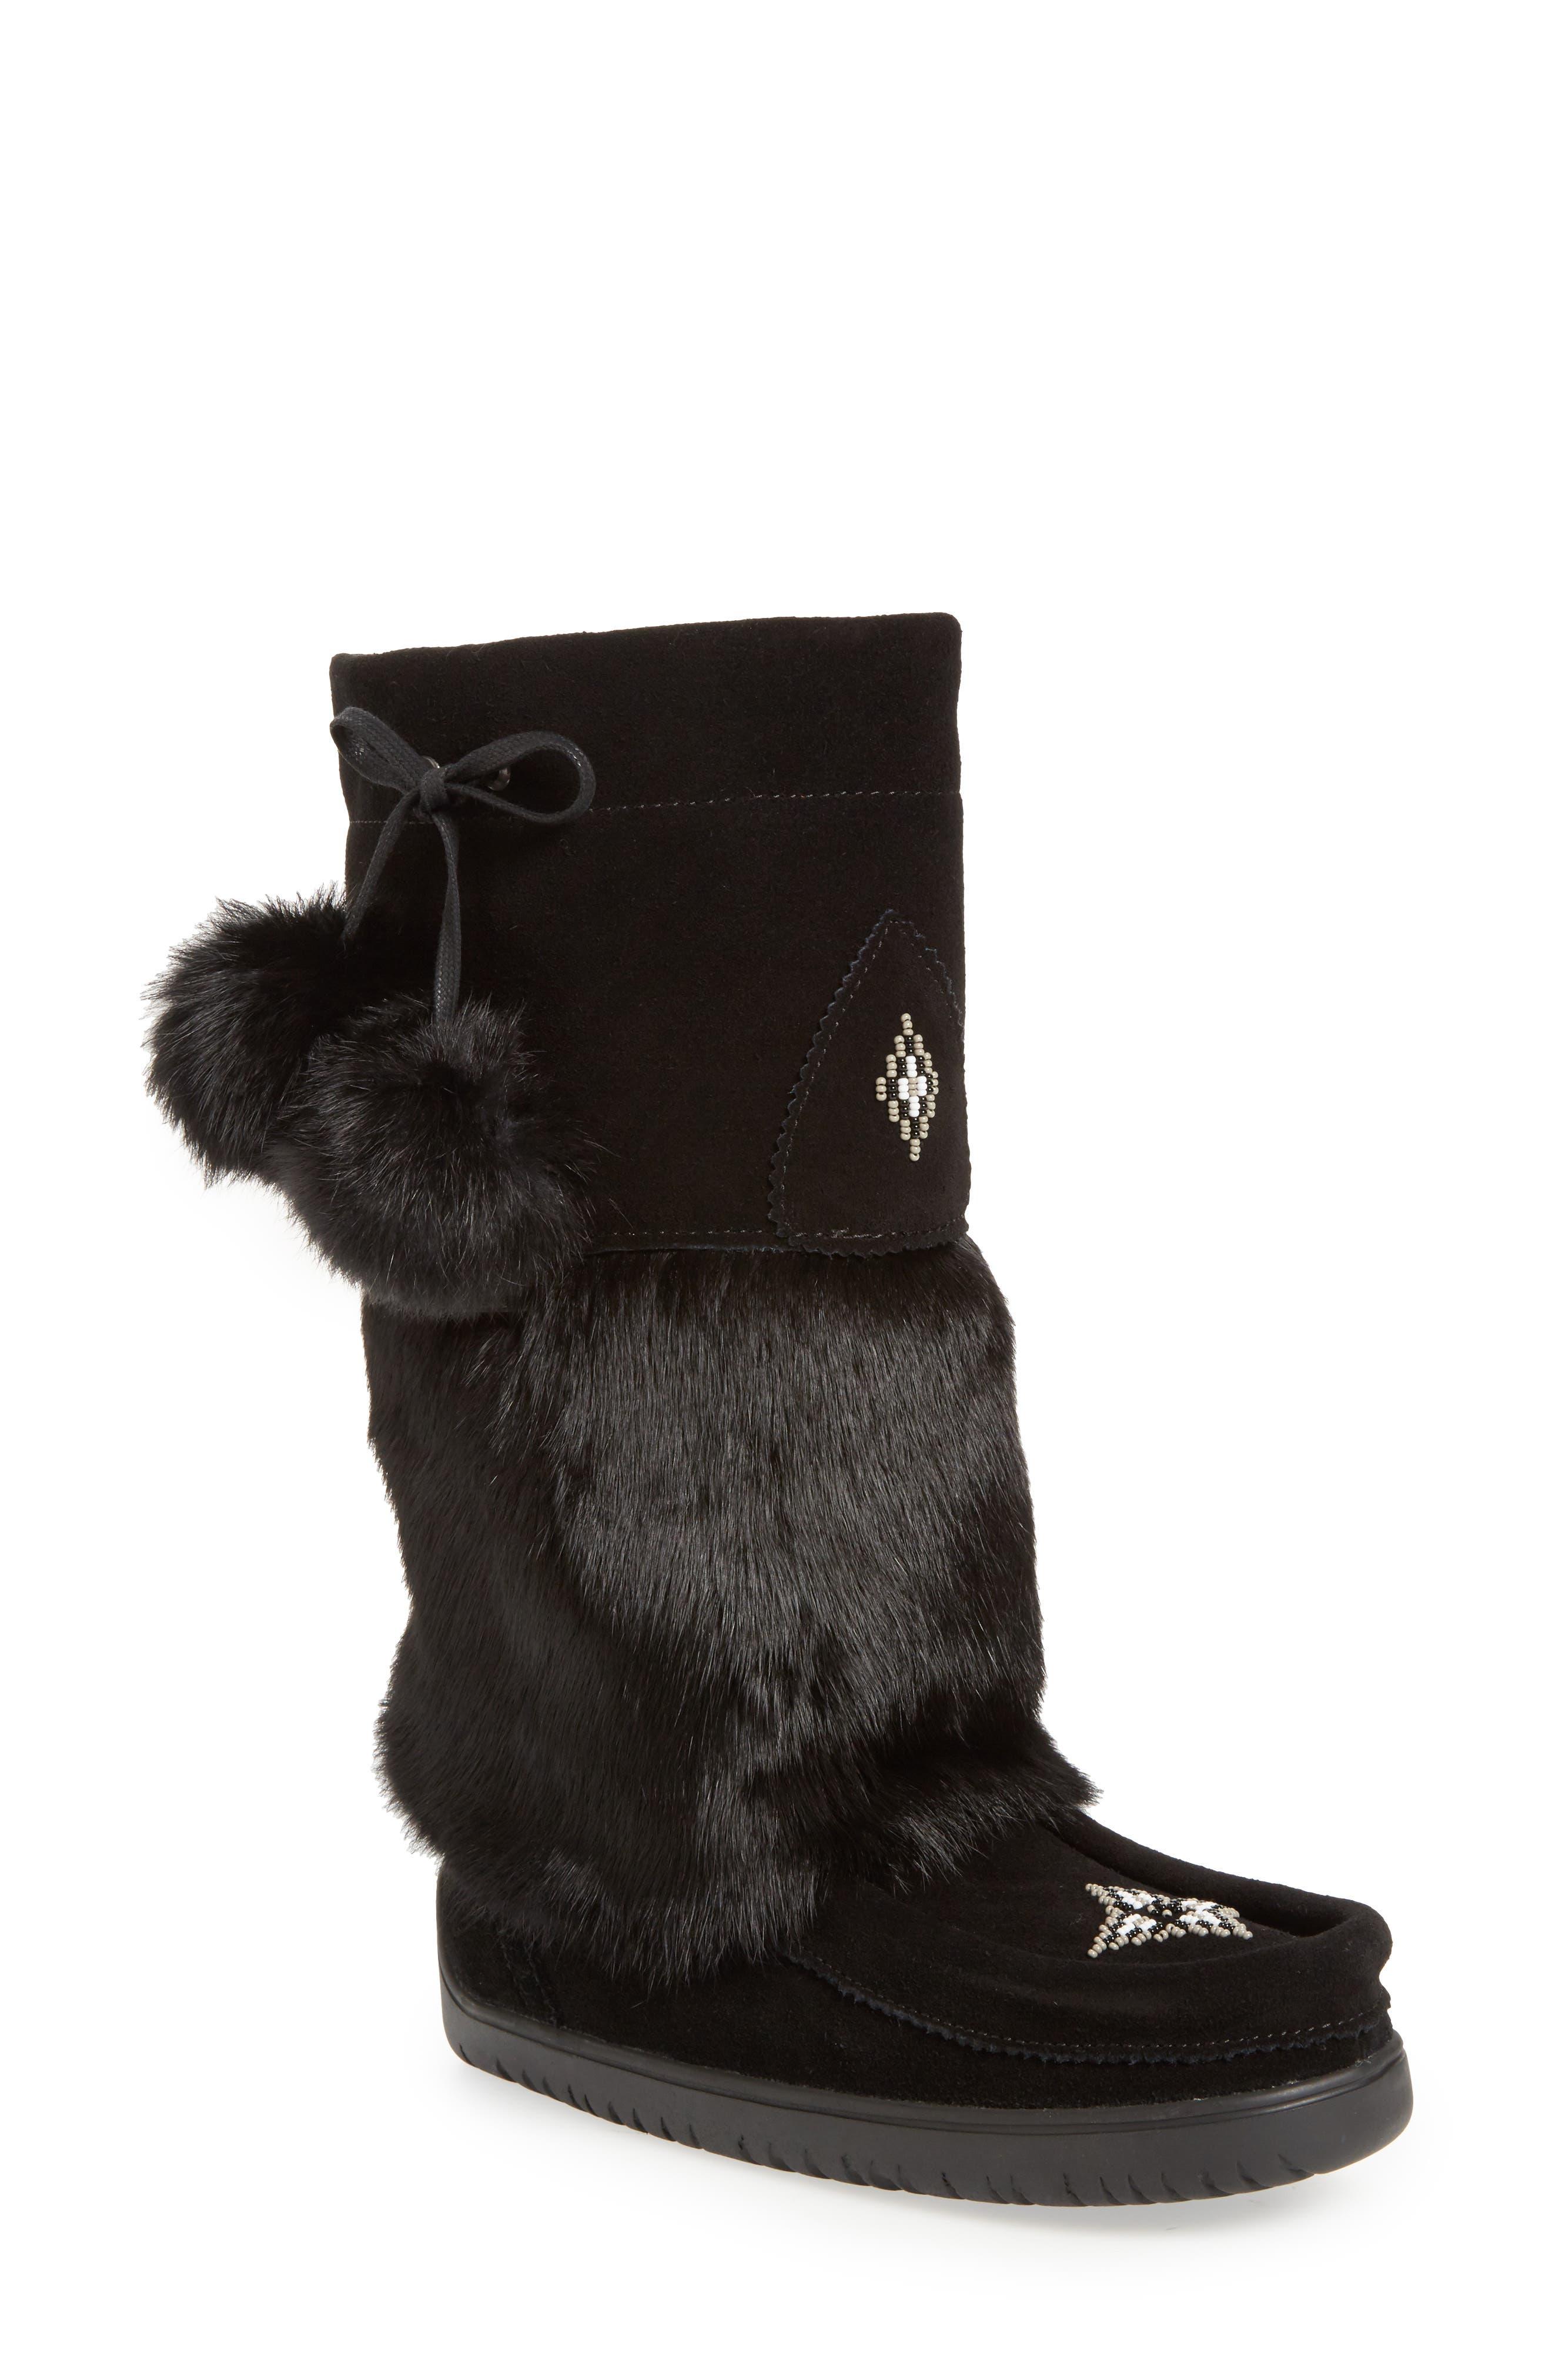 Manitobah Mukluks Snowy Owl Waterproof Genuine Fur Waterproof Boot, Black